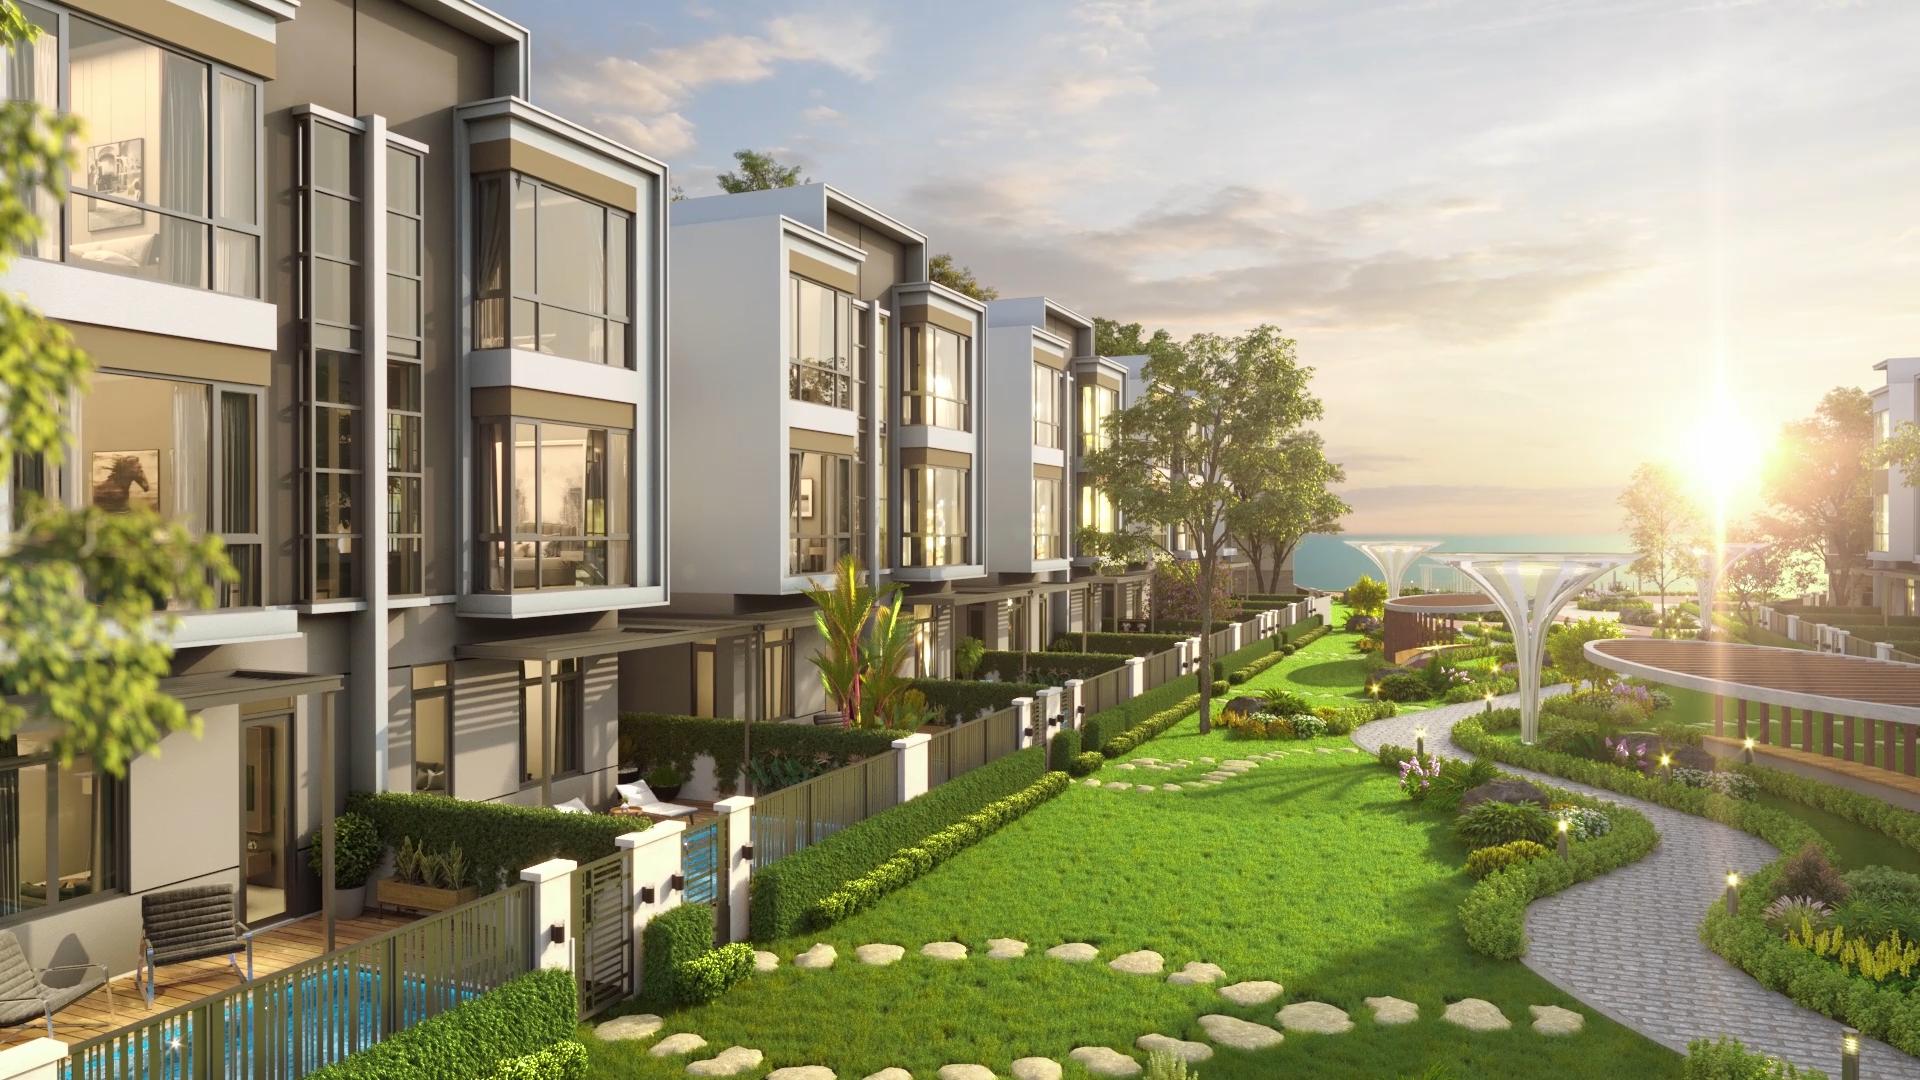 Aqua City thỏa mãn tiêu chí tìm kiếm không gian sống gần gũi thiên nhiên, đầy đủ tiện ích của gia đình Thúy Hạnh - Minh Khang.